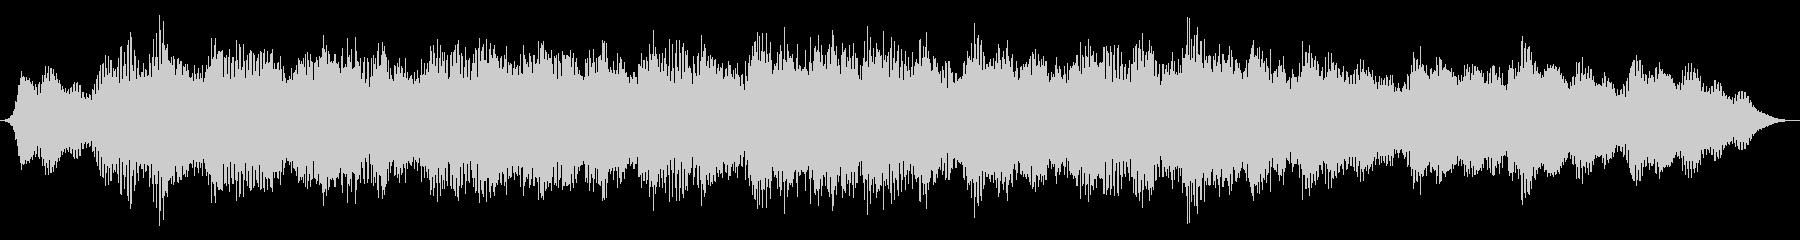 ドローン ダークマイナーストリングス01の未再生の波形